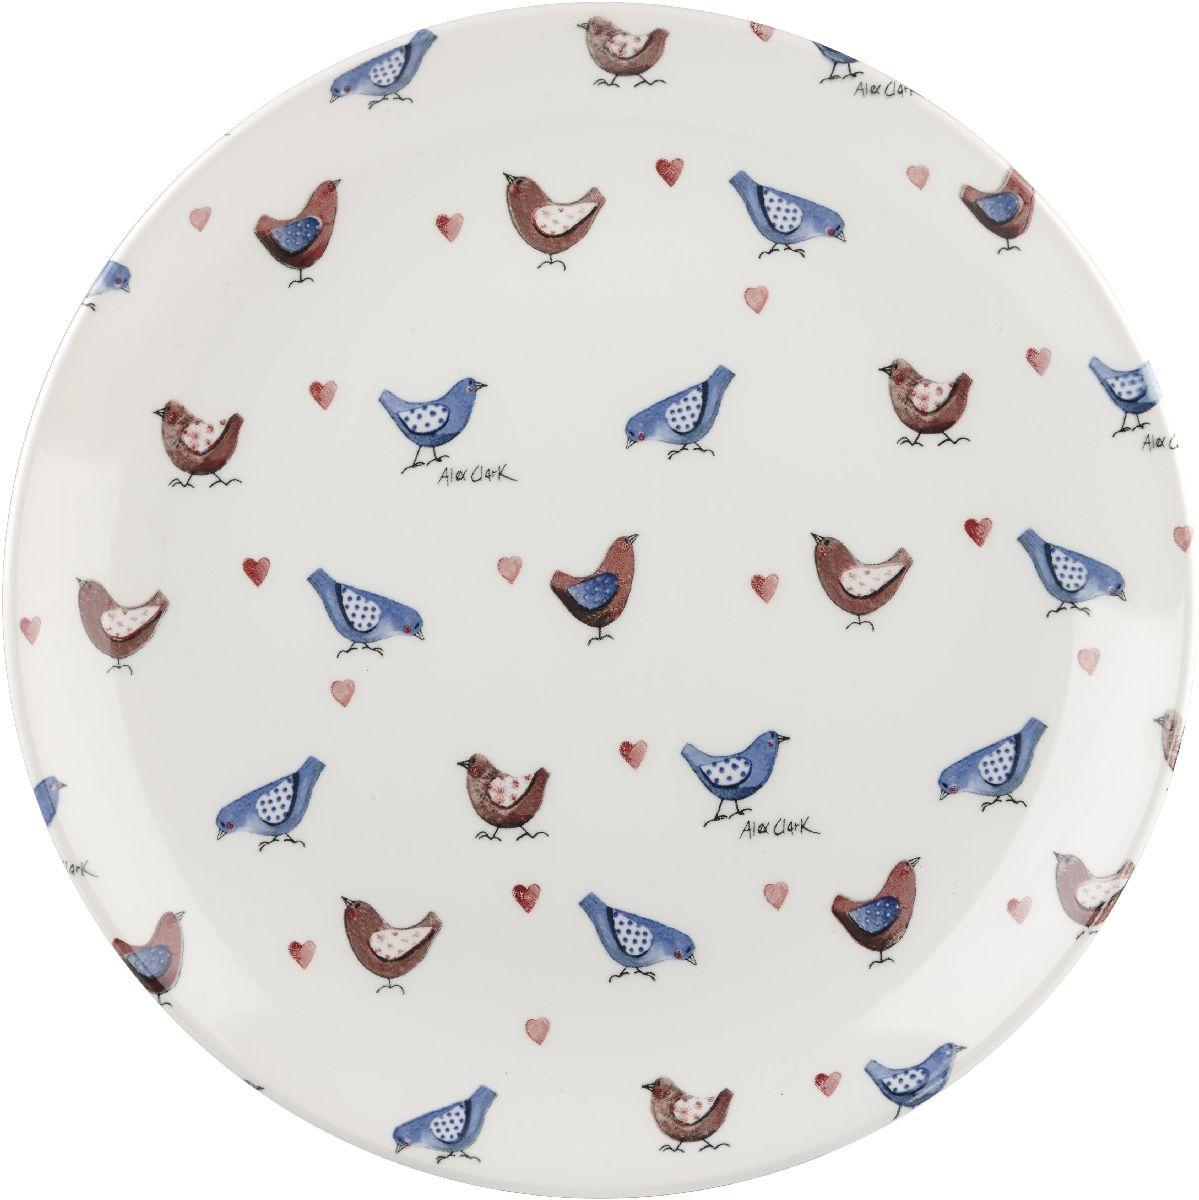 Тарелка Churchill, диаметр 26 см. ACLB00011ACLB00011Коллекция Птички - уникальное сочетание живой природы и прекрасные воспоминания из детства. Легкий и простой дизайн с пастельными красками идеально подойдет для любой кухни.